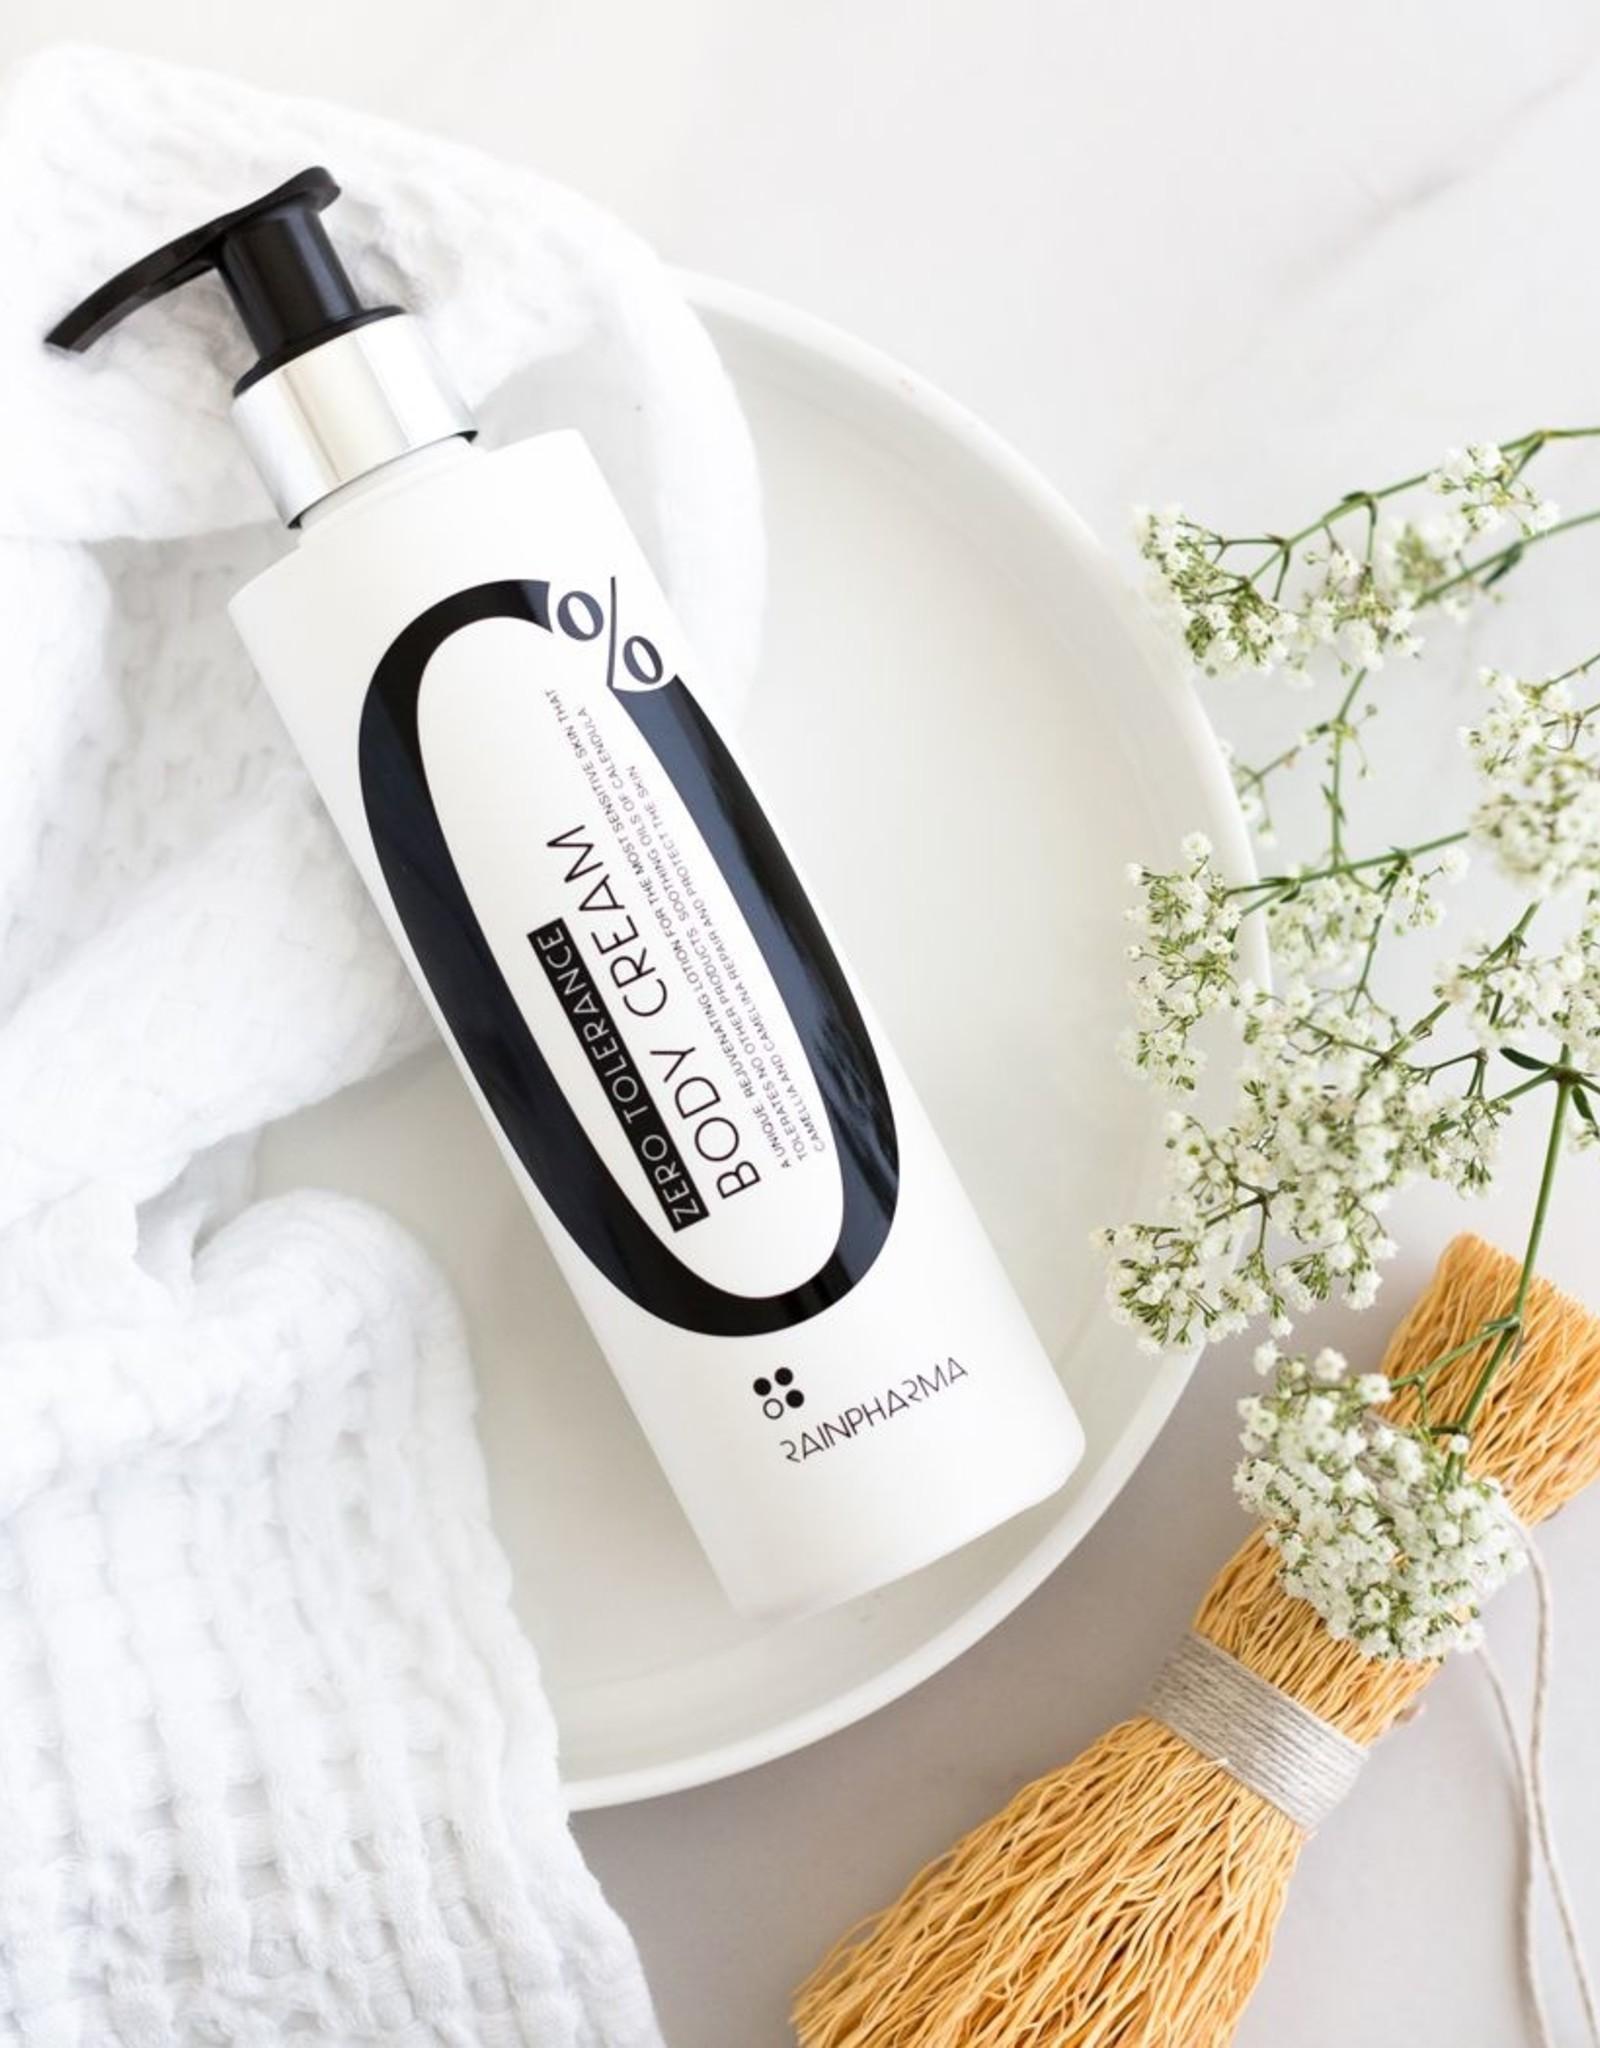 RainPharma Zero Tolerance Body Cream 250ml - Rainpharma